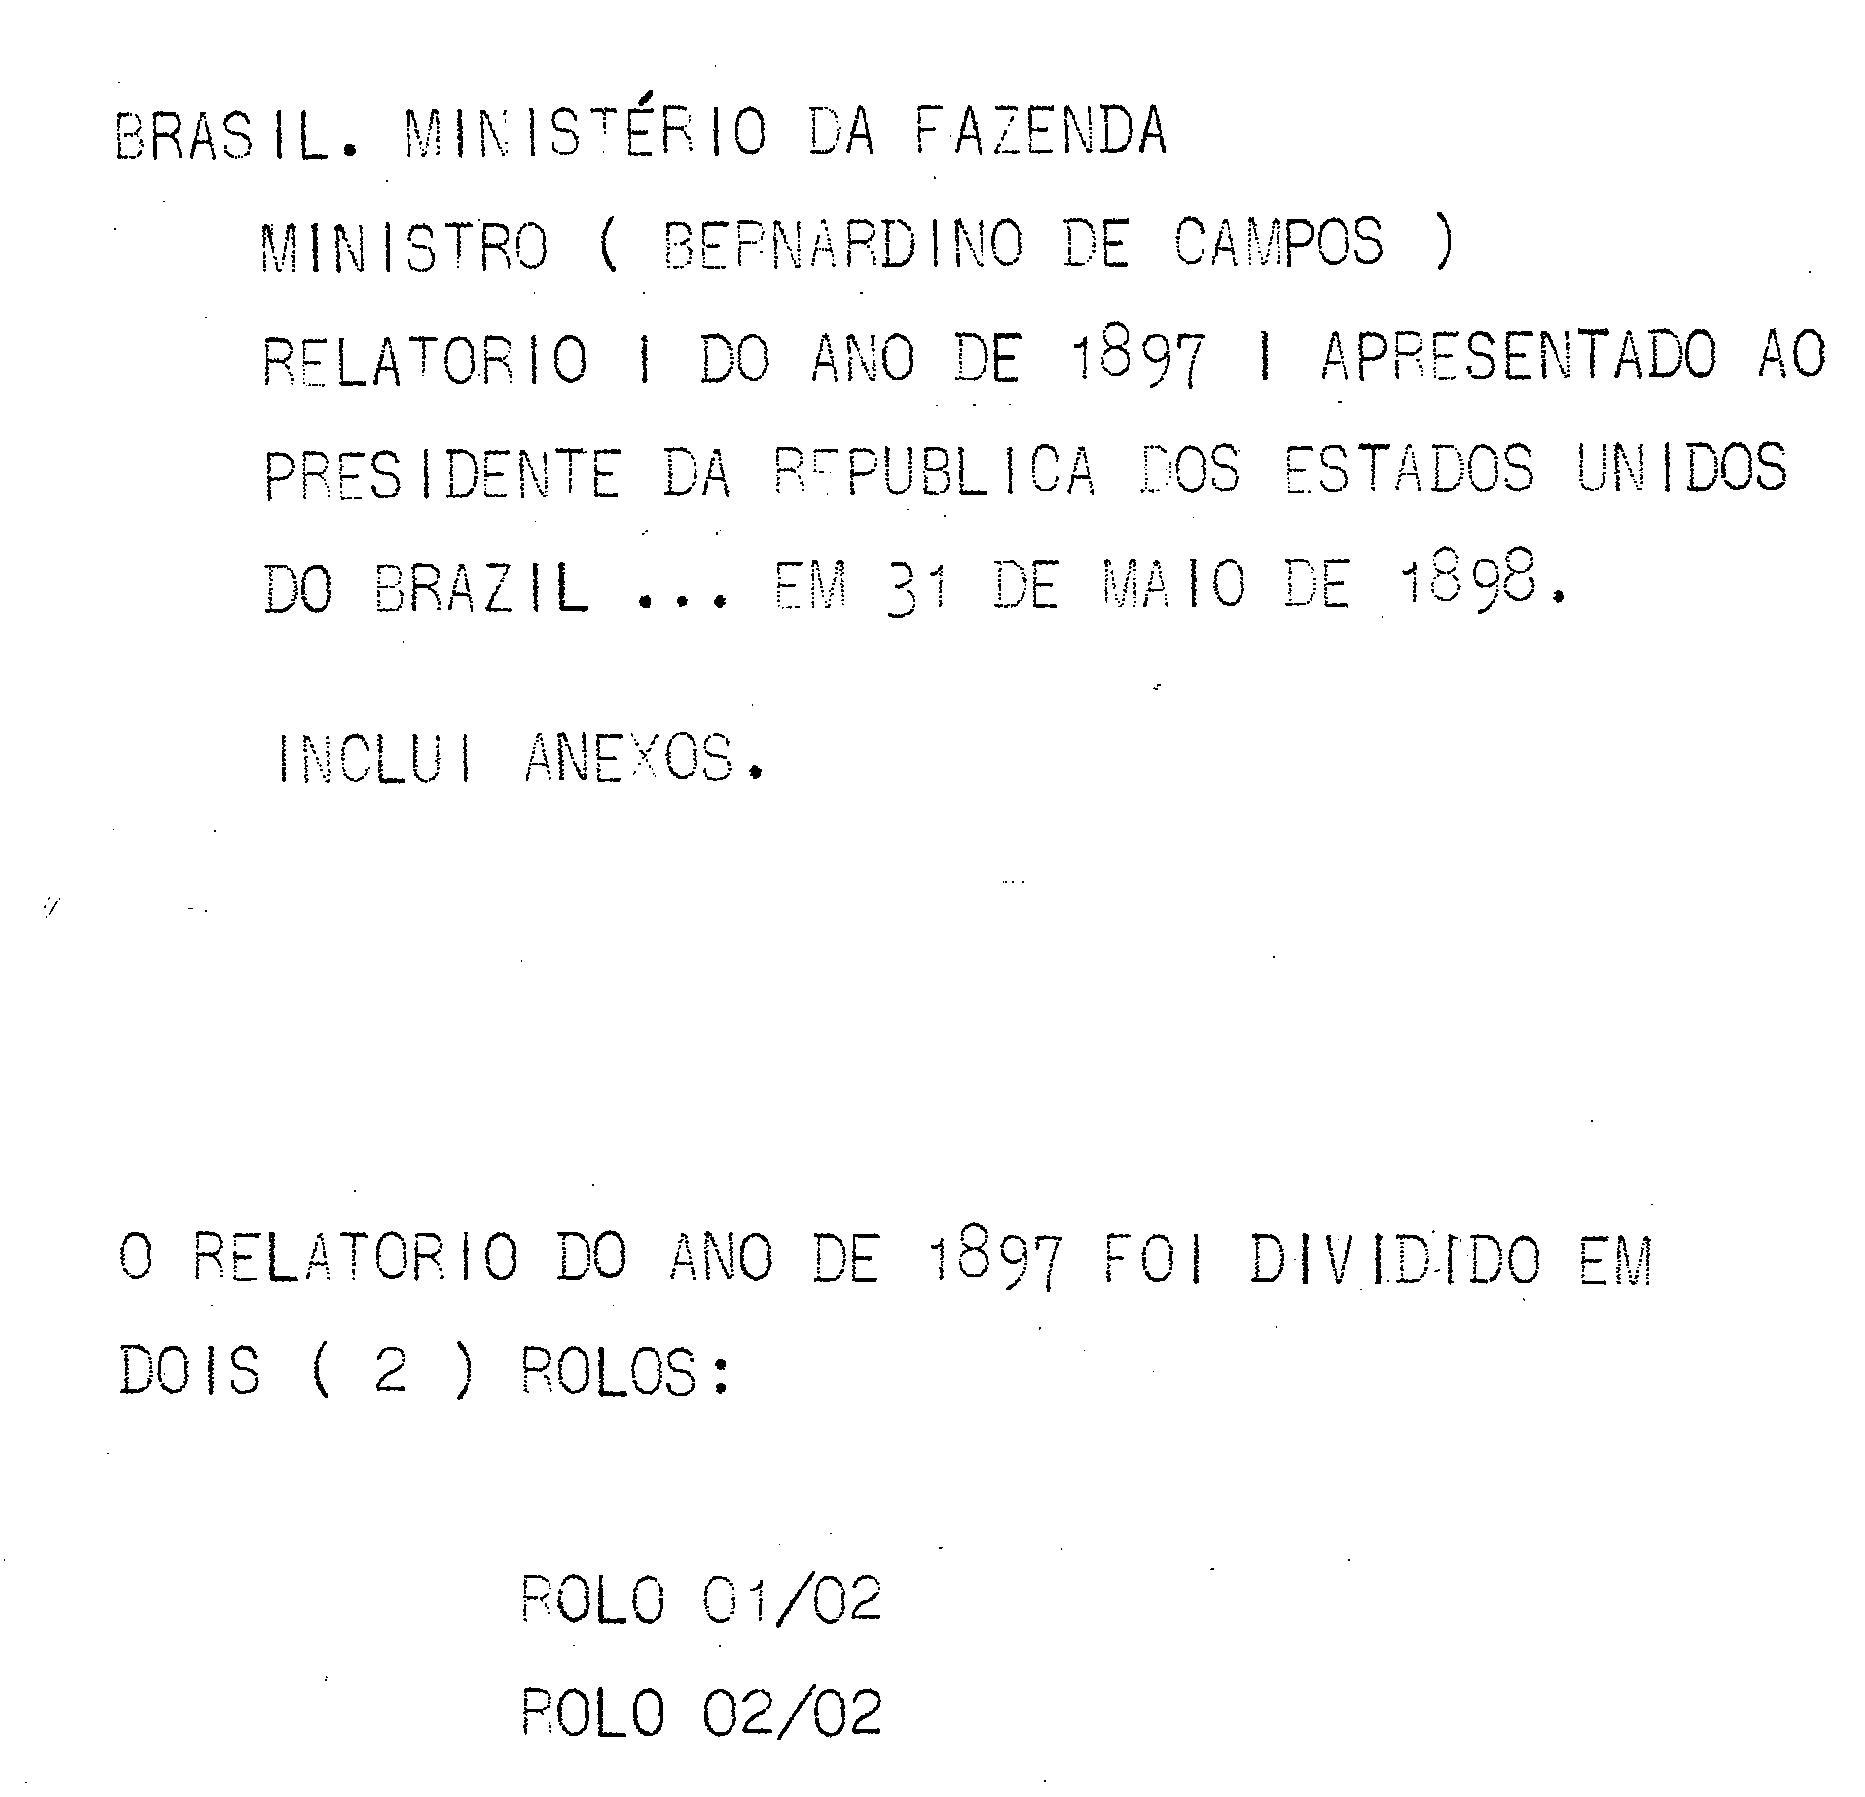 Ministerio da Fazenda - Relatório apresentado ao presidente da República dos Estados Unidos do Brazil pelo Ministro de Estado dos Negócios da Fazenda Bernardino de Campos no anno de 1898, 10º da República